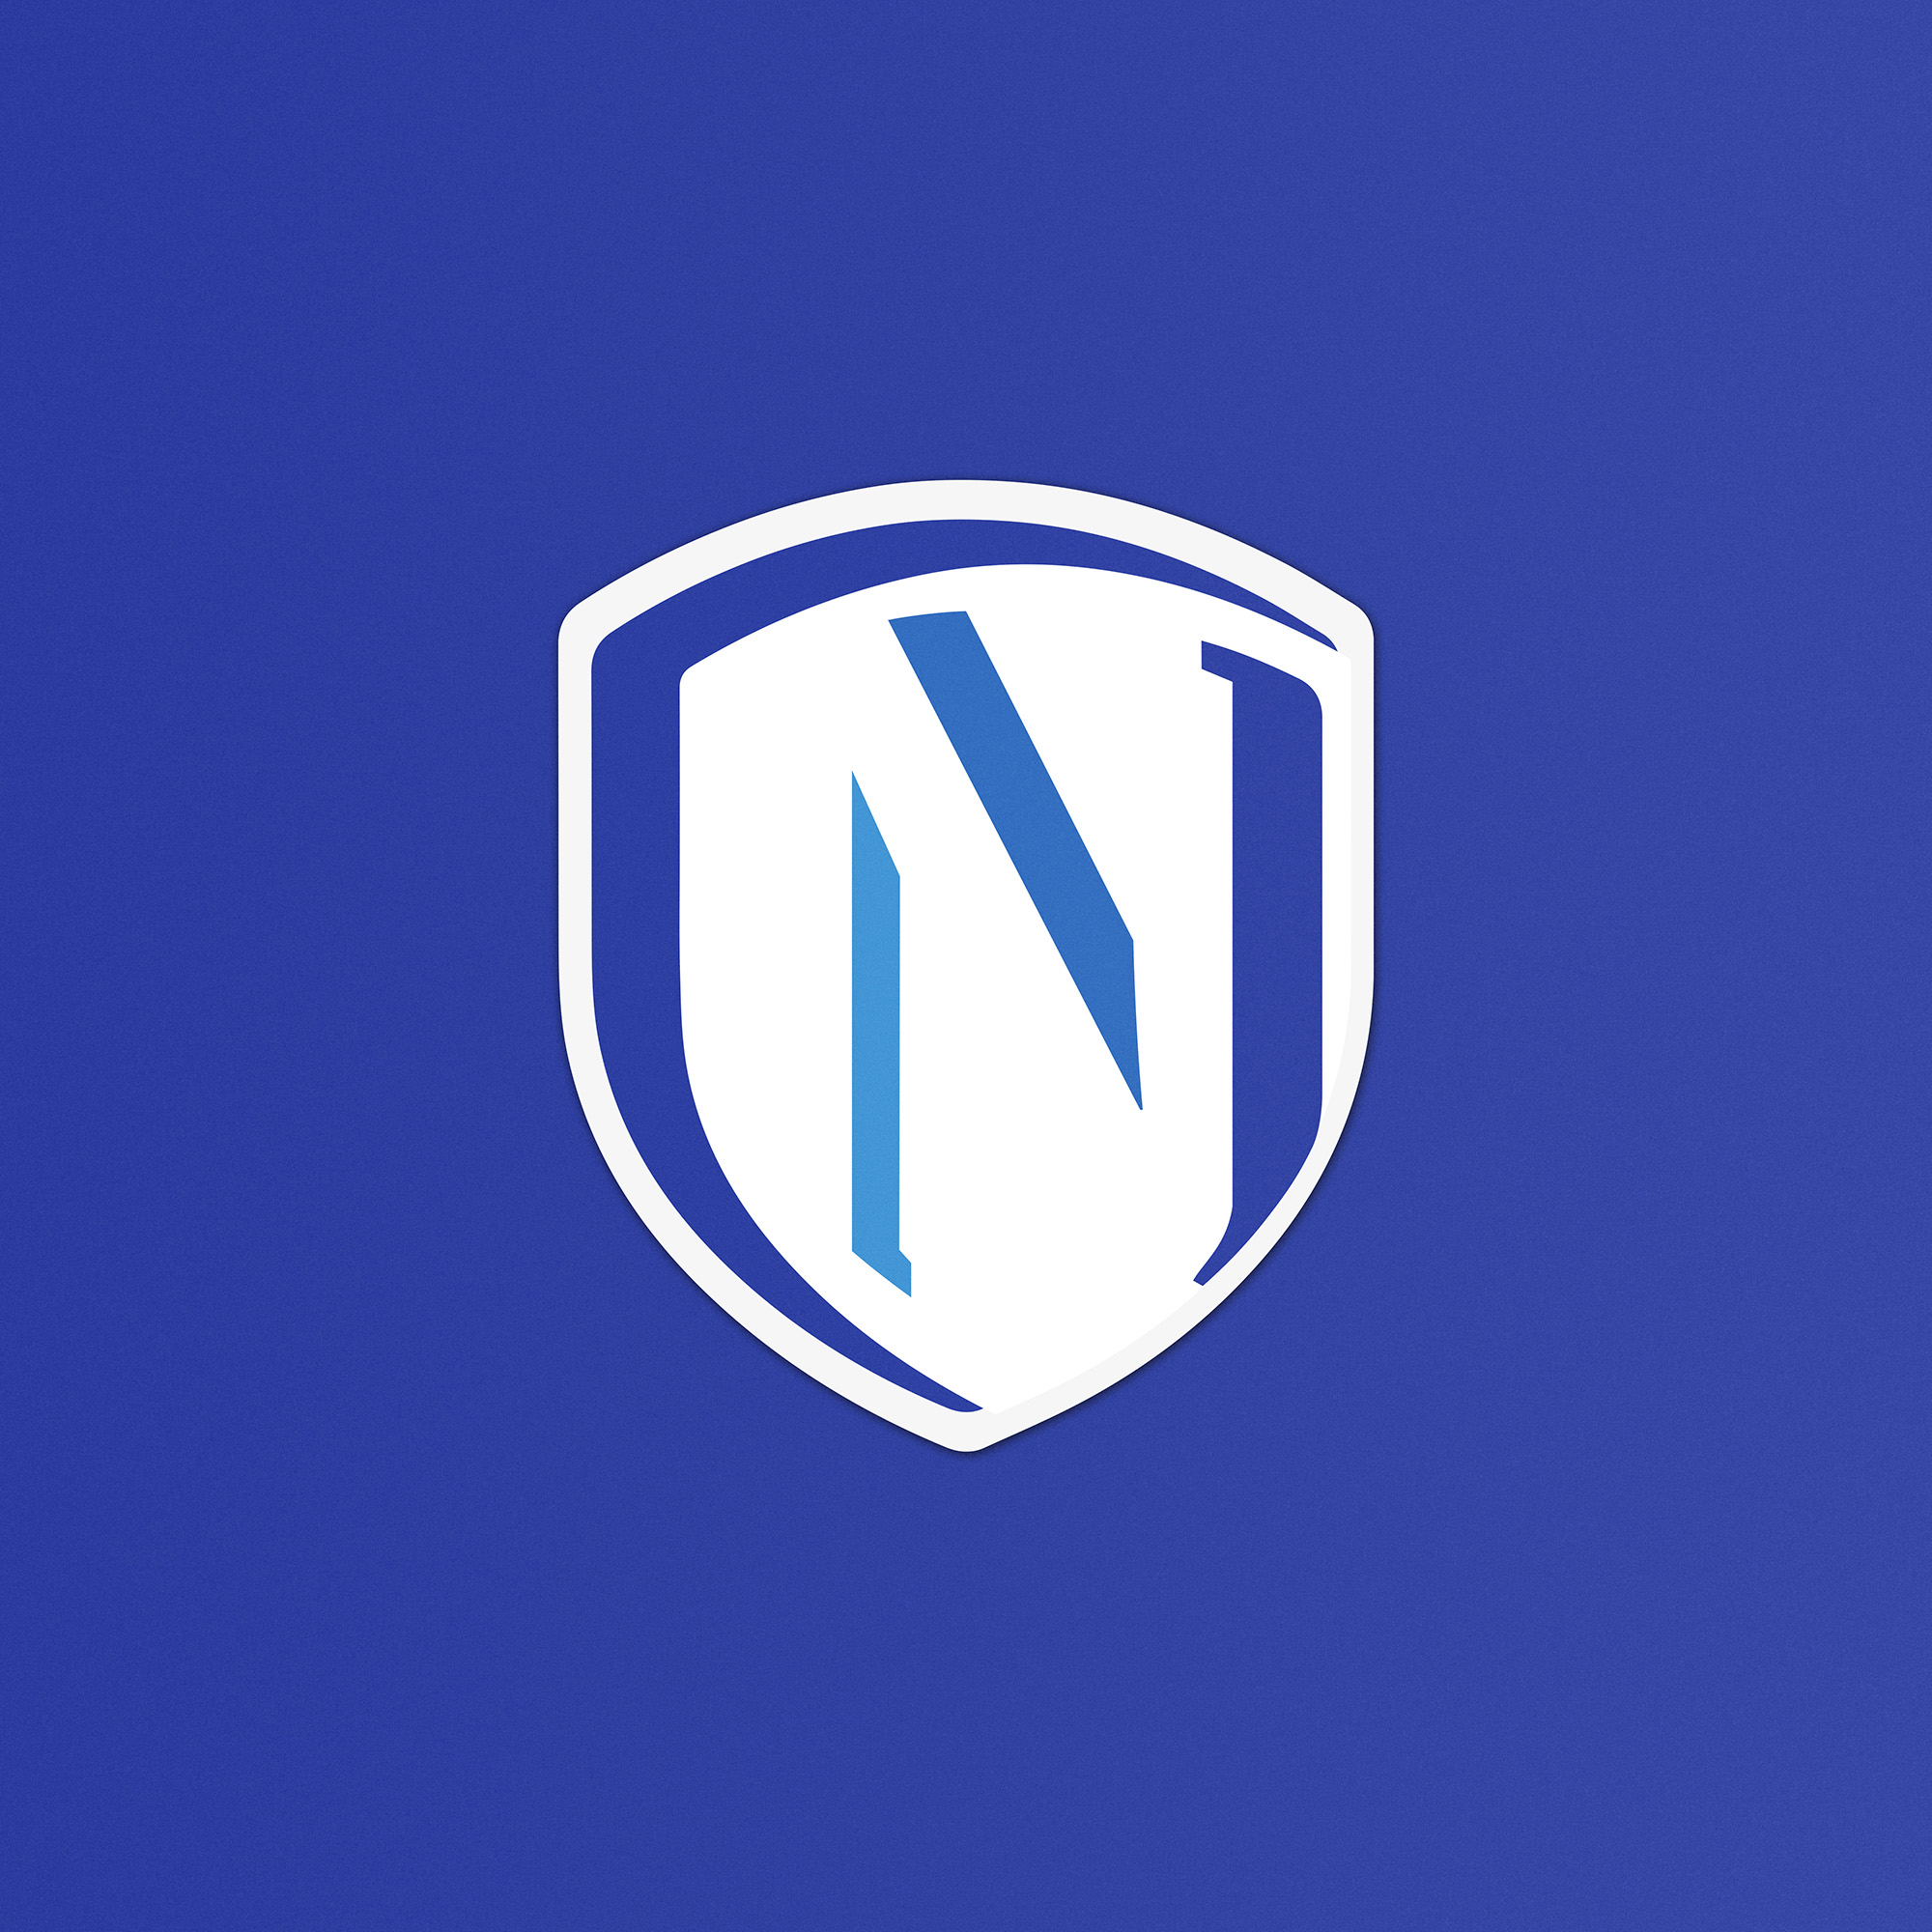 logo design, identyfikacja marki, branding, brand book, znak graficzny, logo firmy, ci, Nabór PCSS, art designer - Ireneusz Bloch